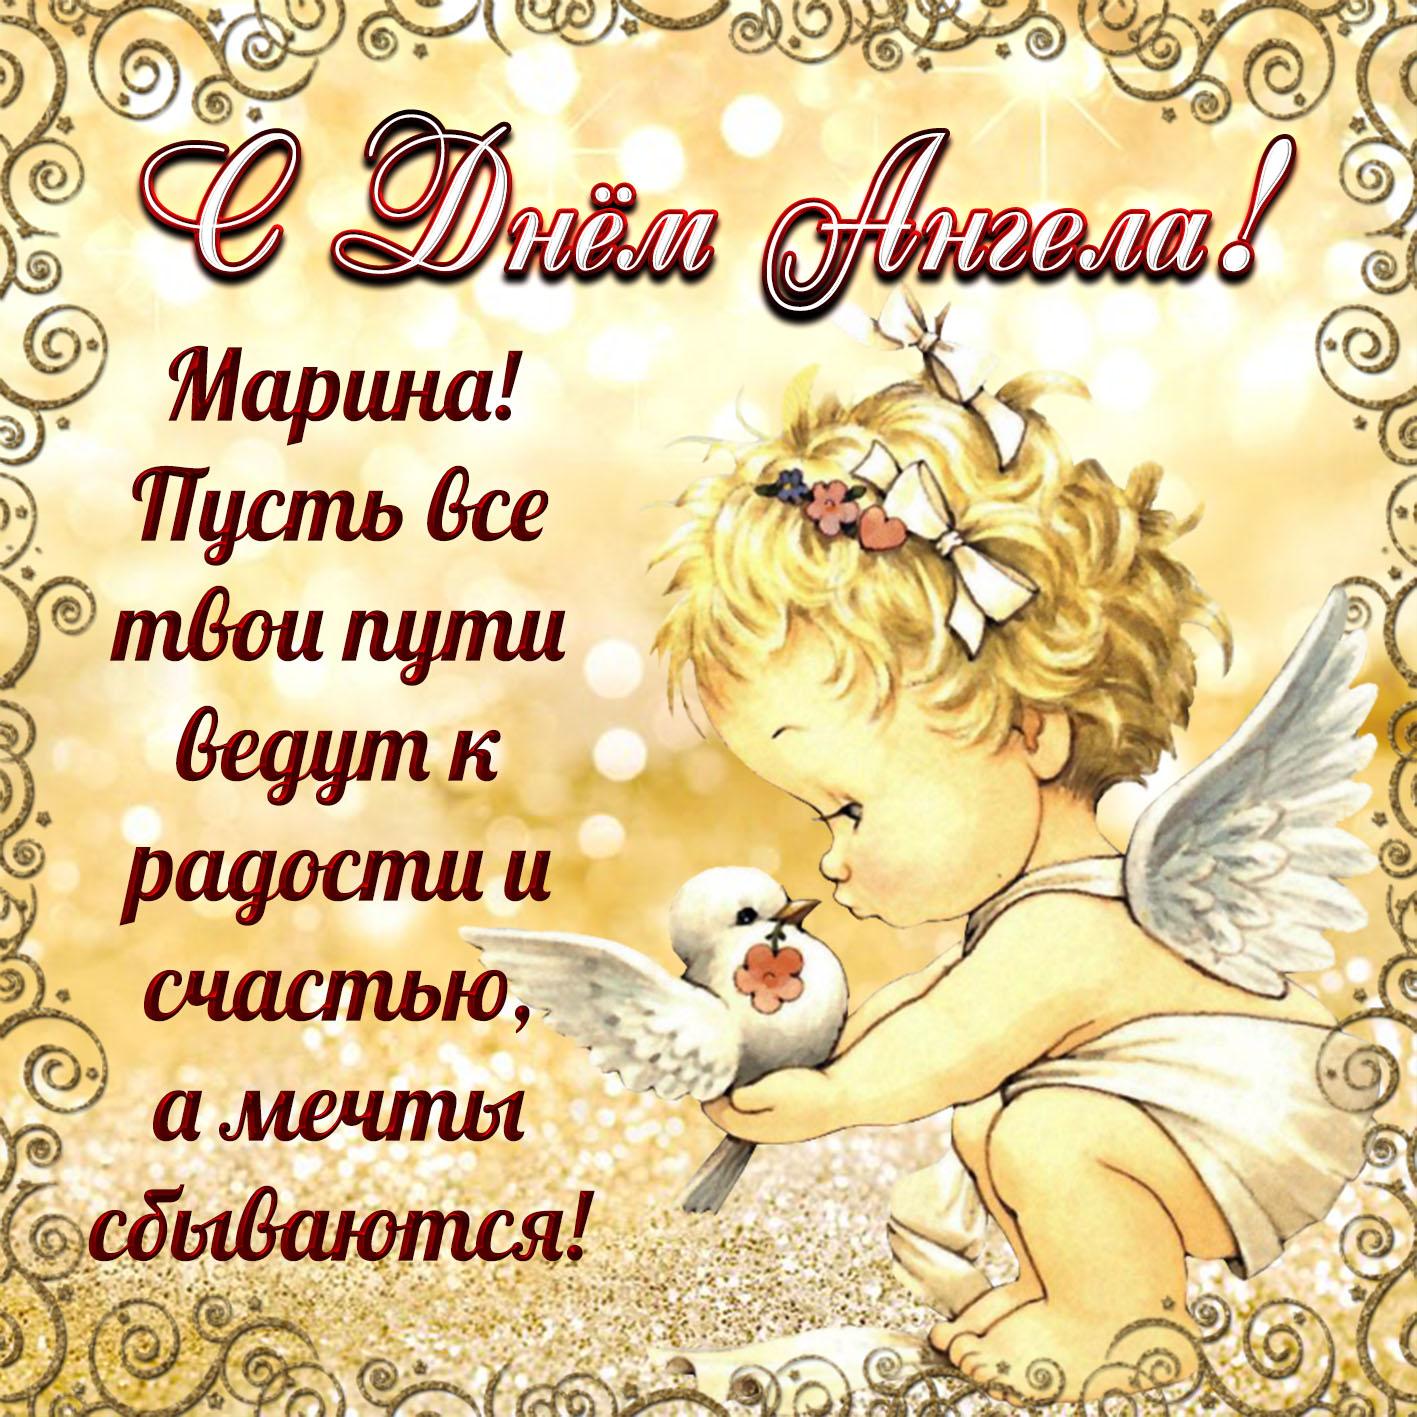 Своими, открытка с днем ангела елена ольга